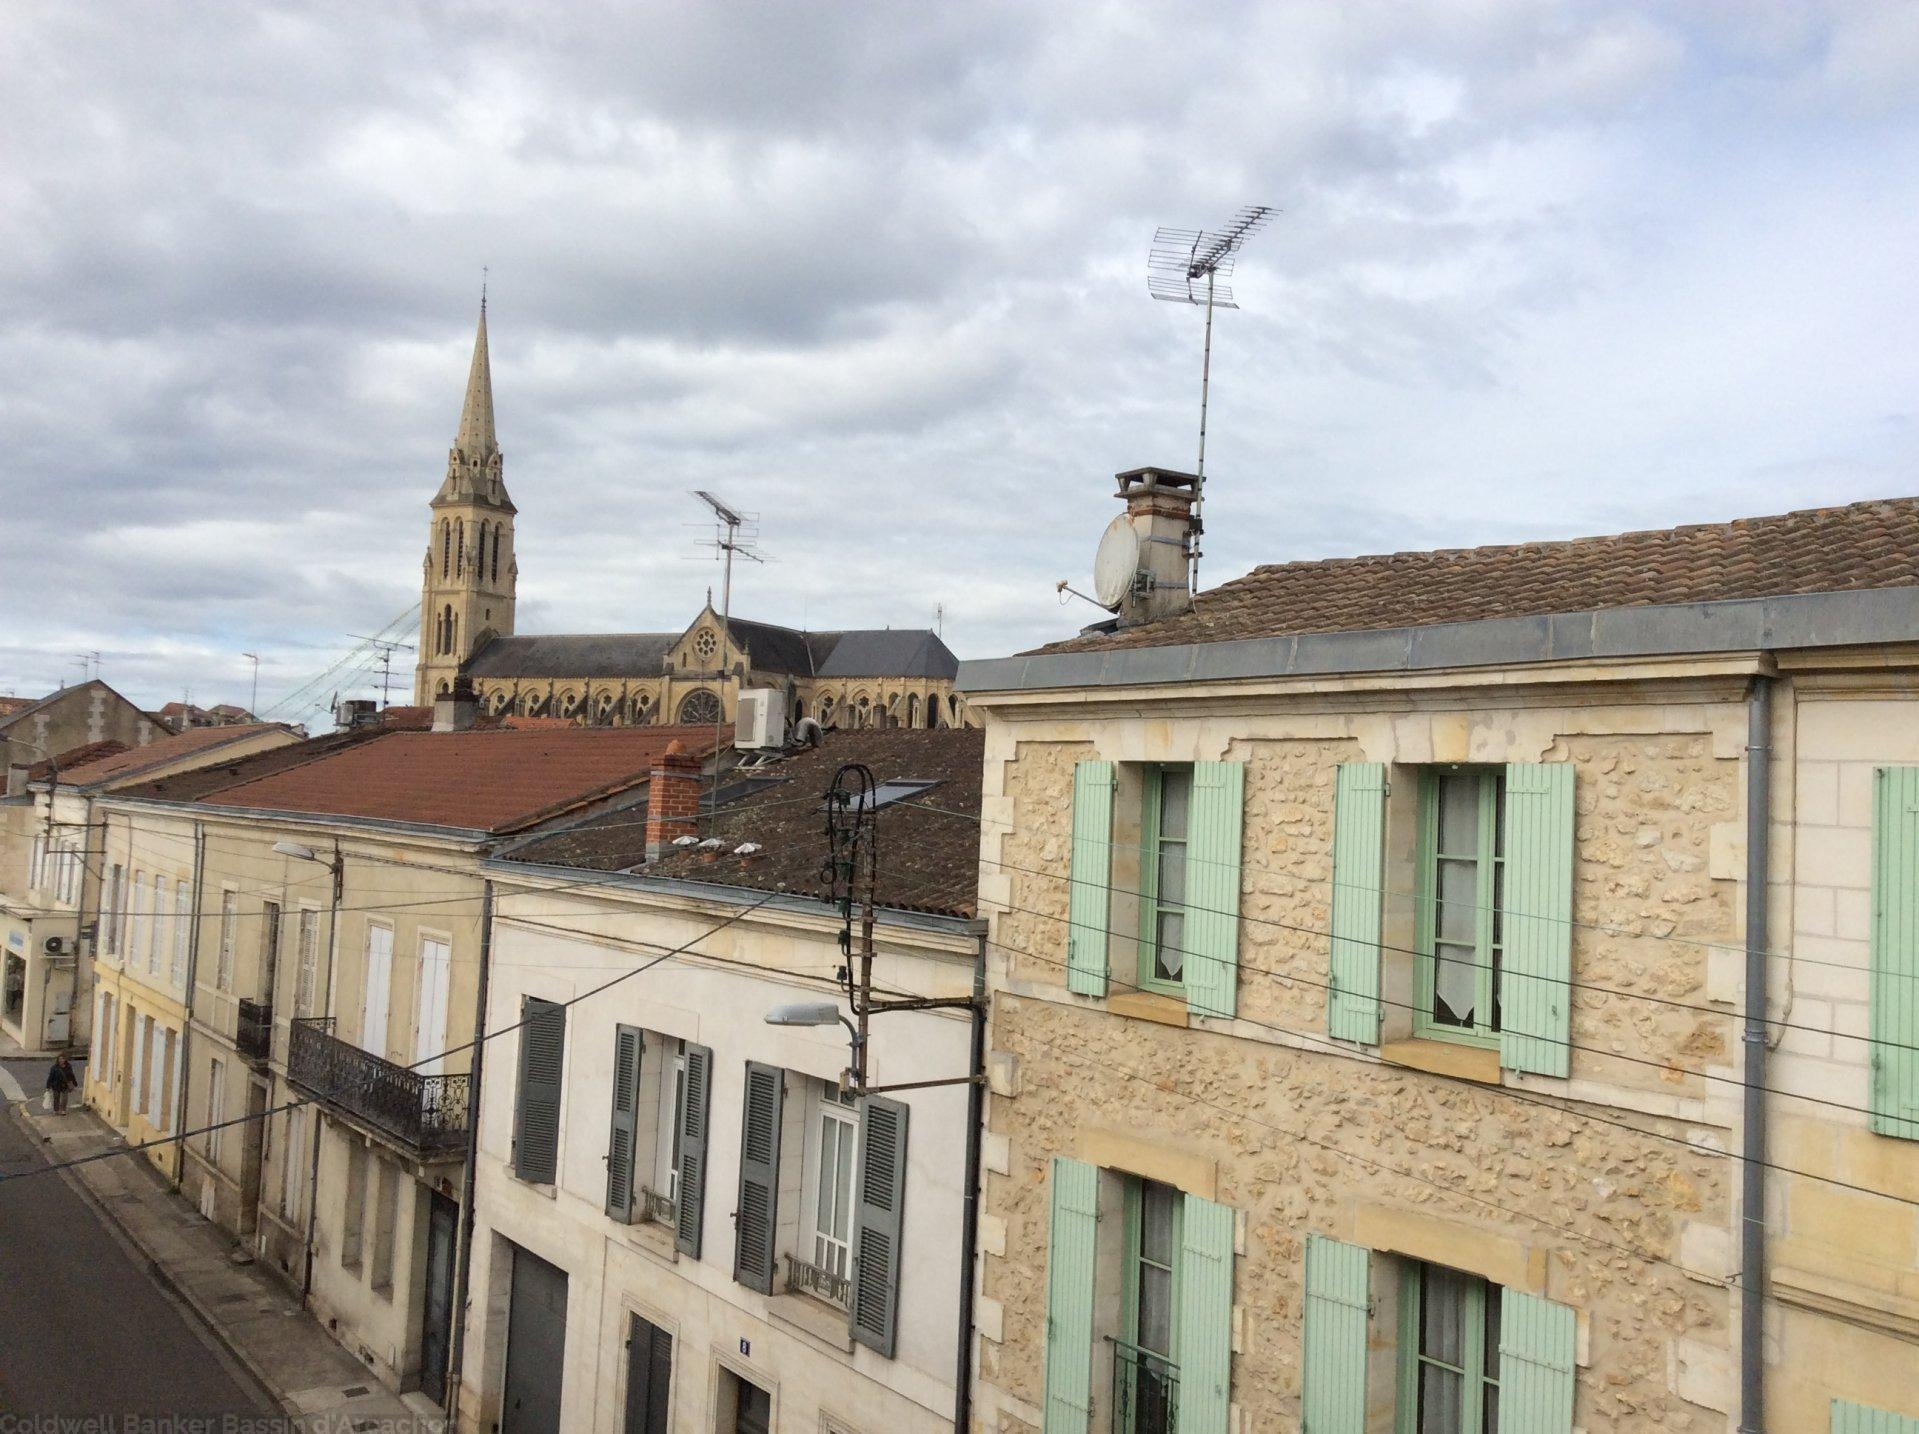 Vente maison de ville a renover proche bordeaux centre ville bergerac